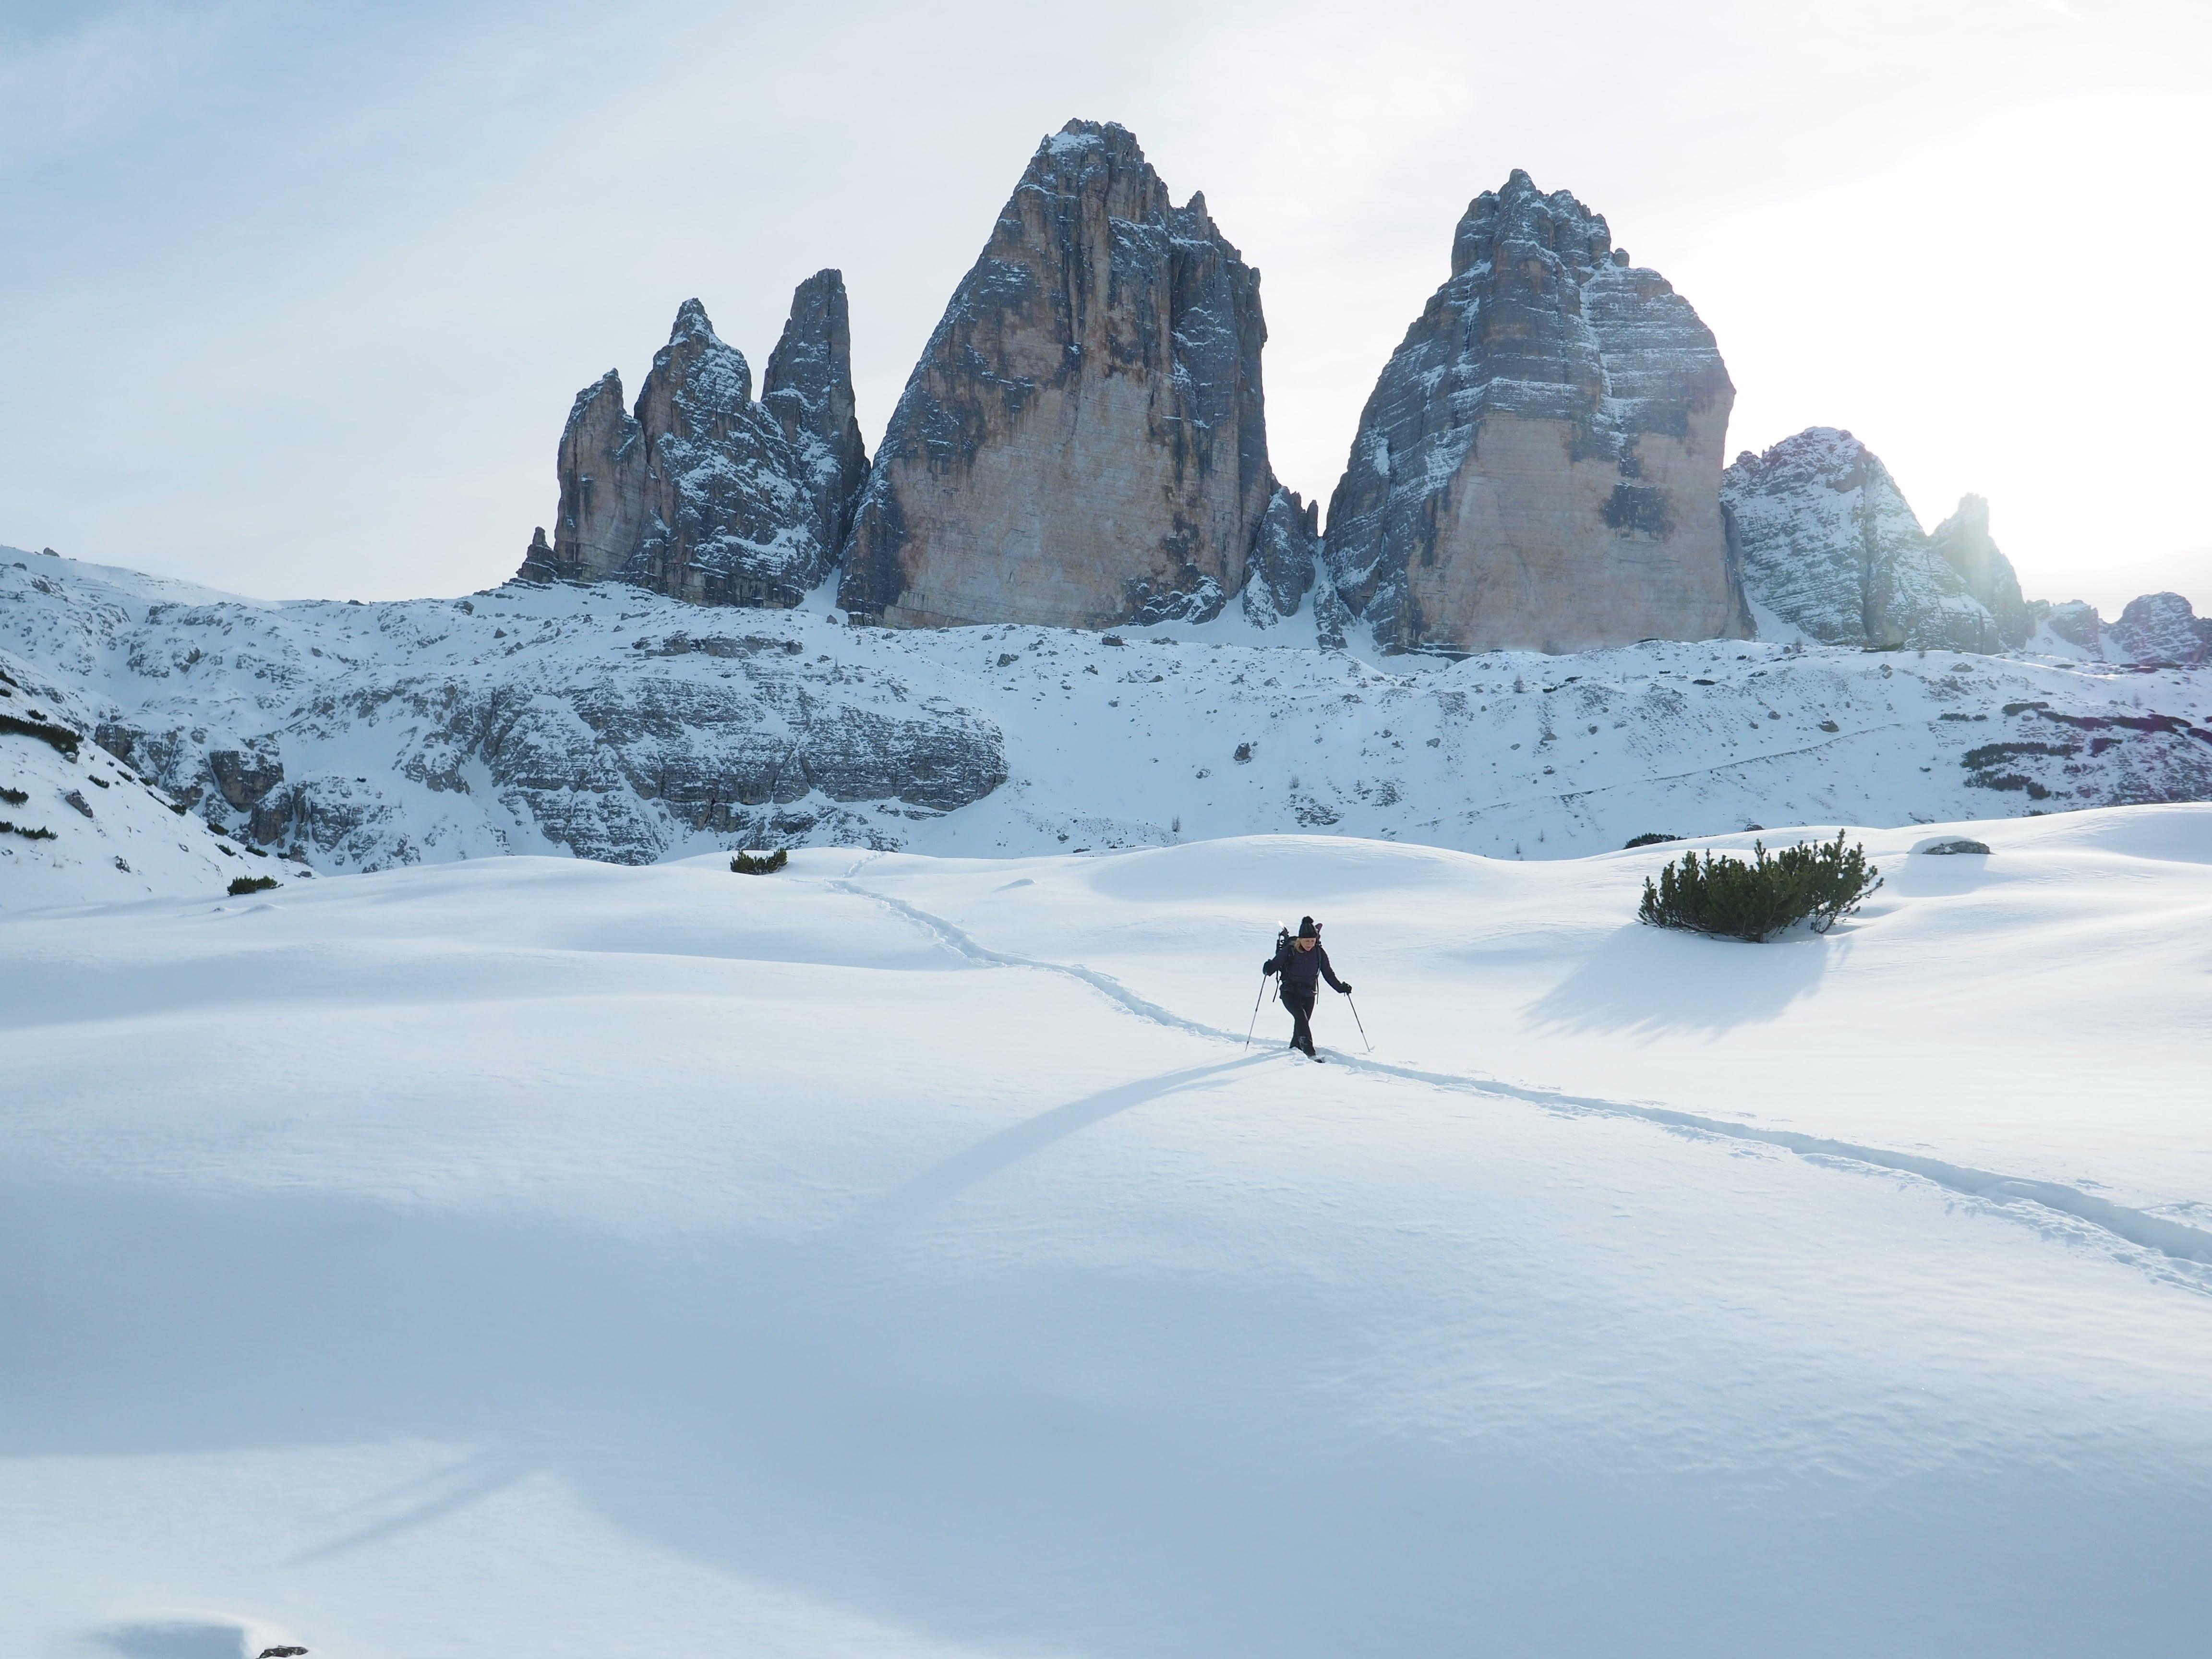 Escursione sulla neve alle Tre Cime di Lavaredo